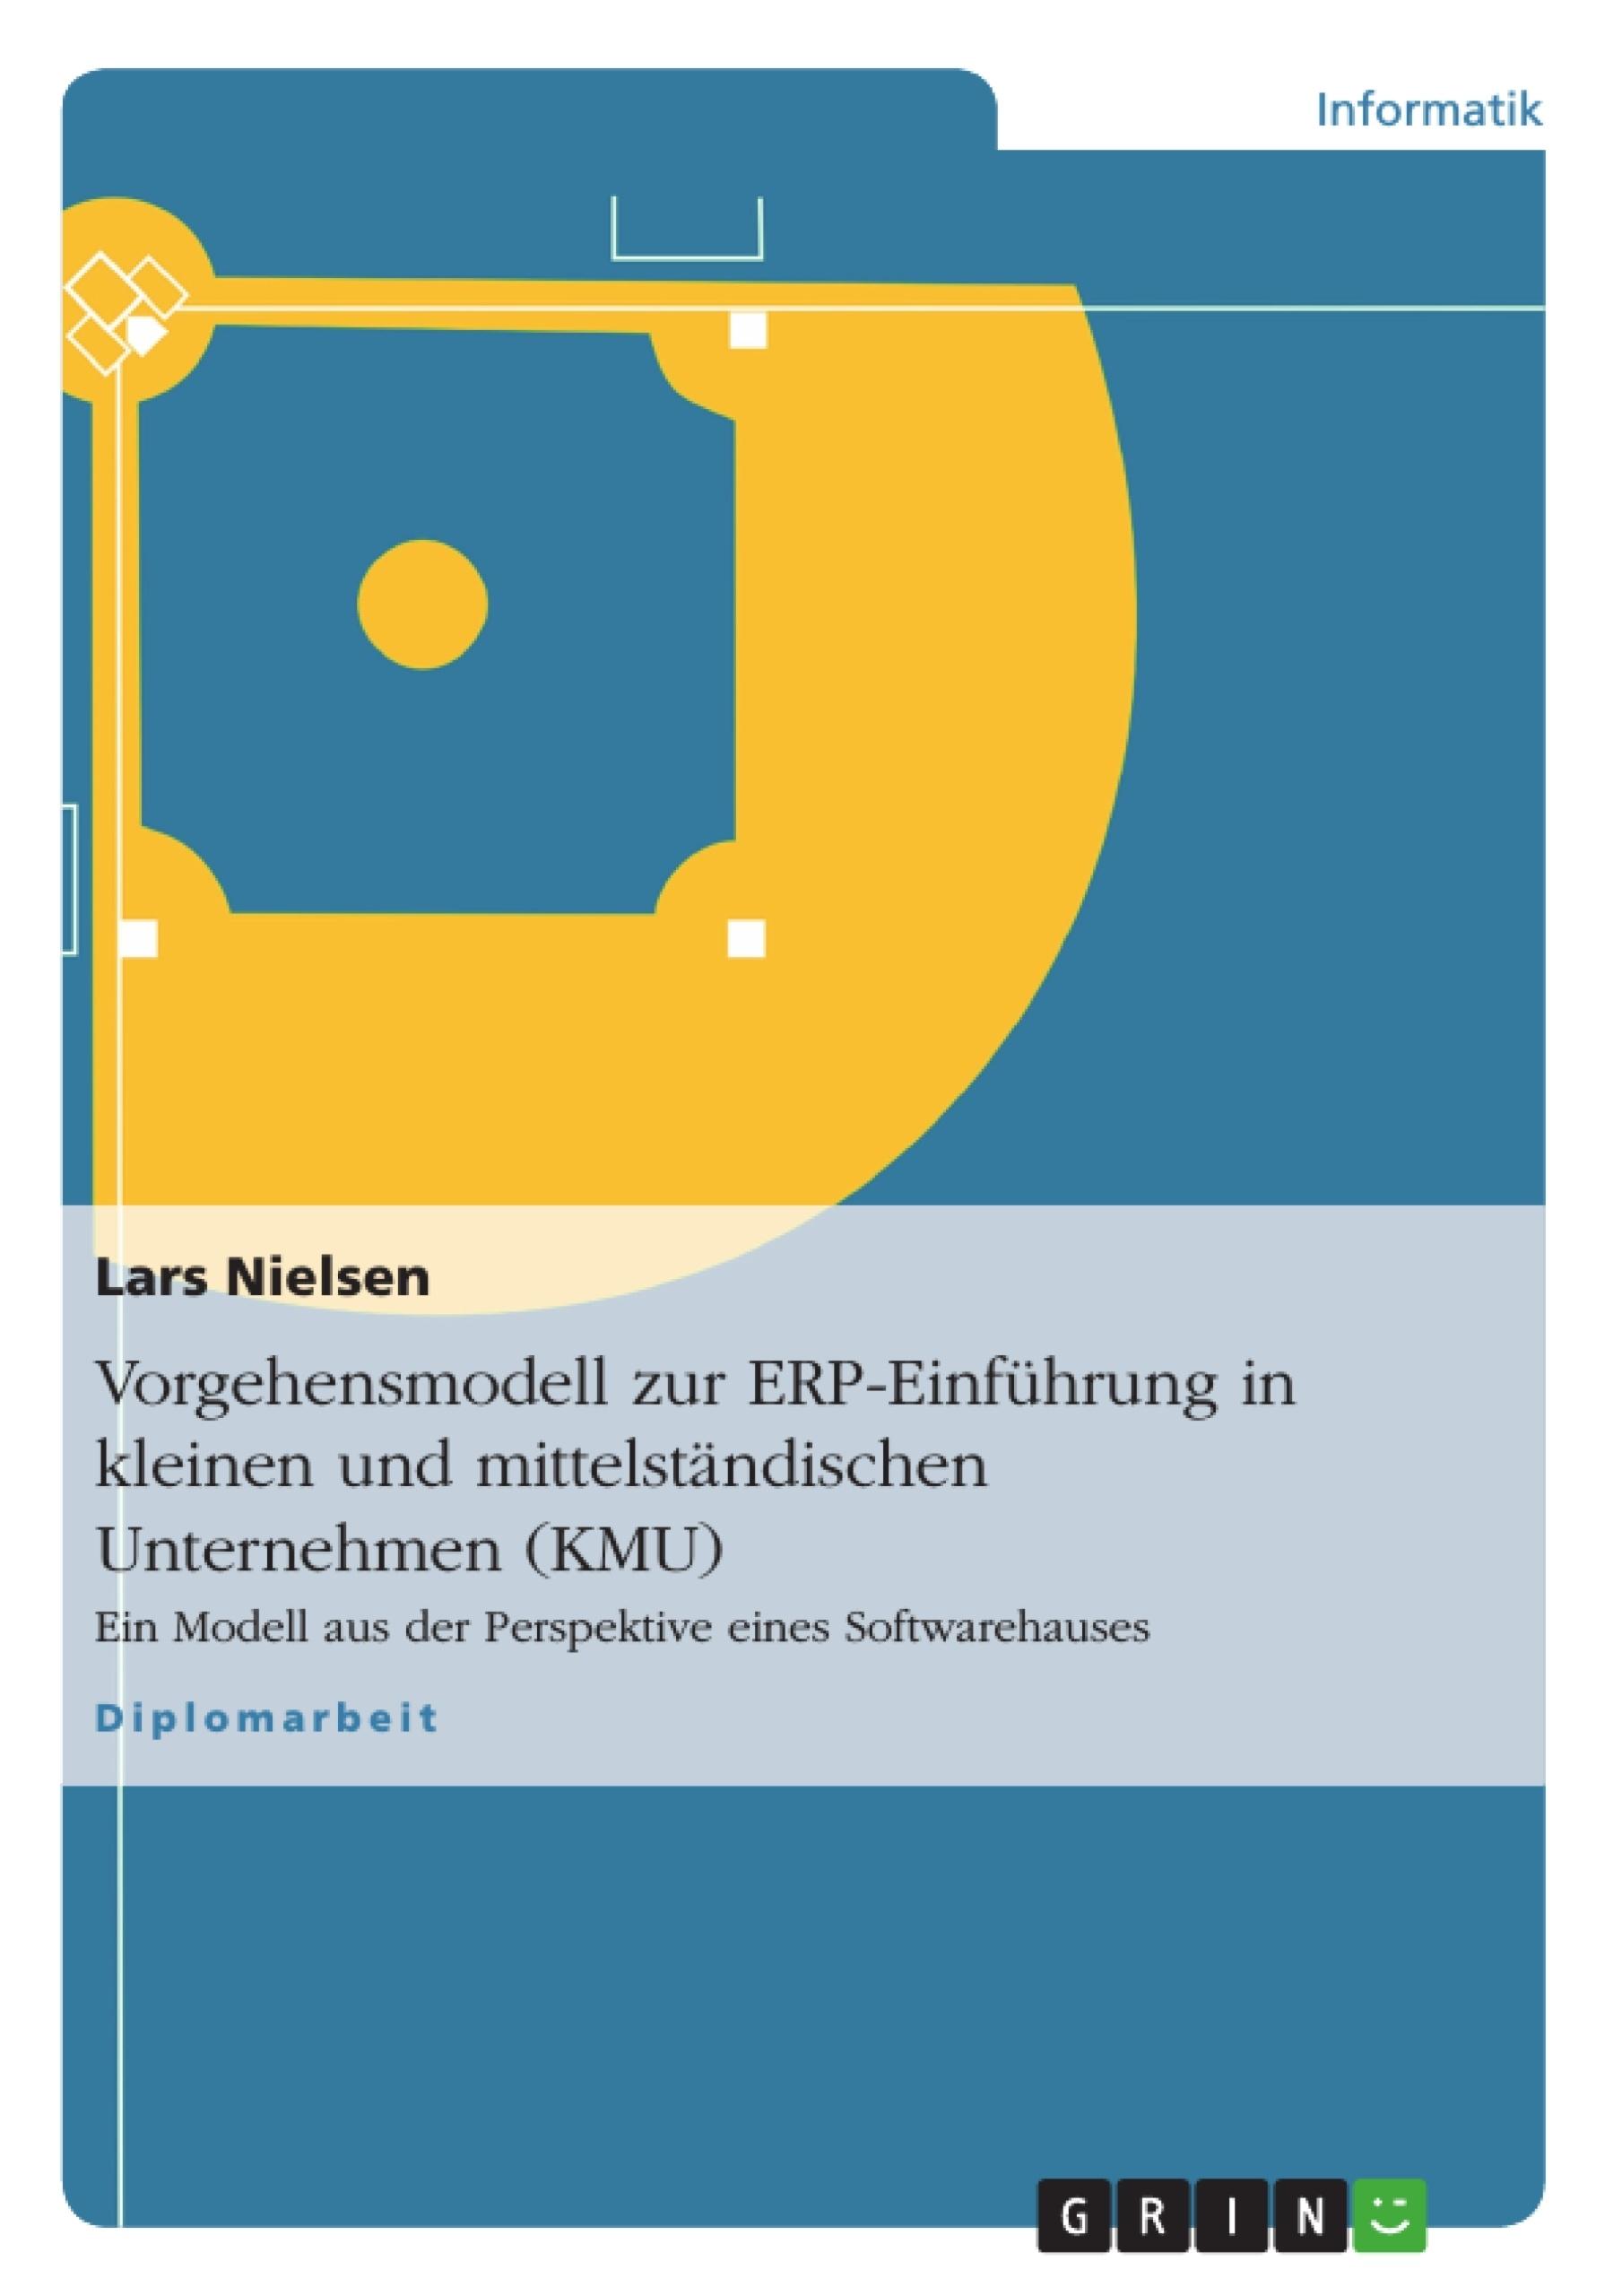 Titel: Vorgehensmodell zur ERP-Einführung in kleinen und mittelständischen Unternehmen (KMU)